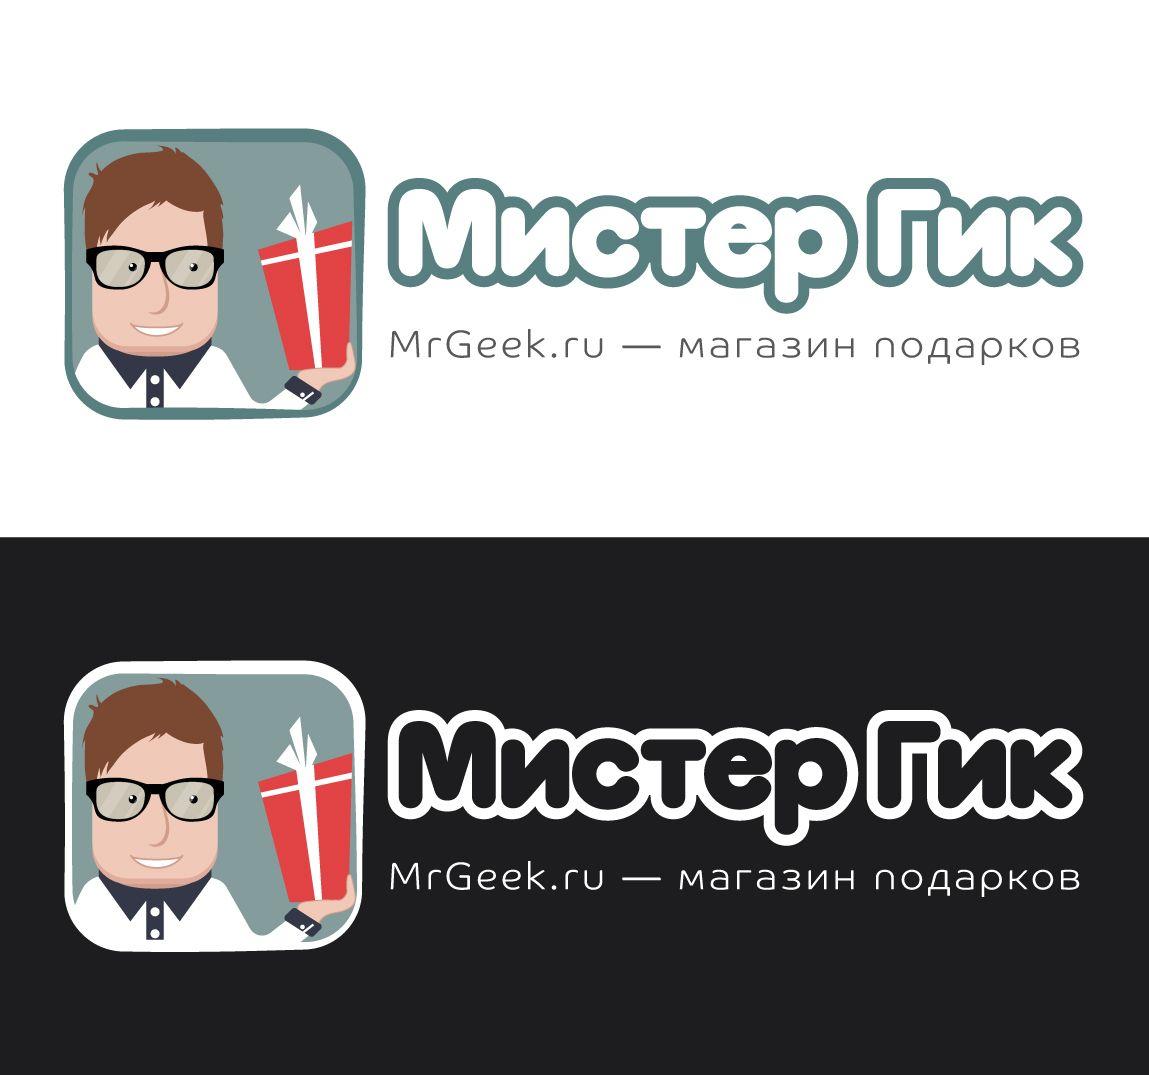 Логотип для магазина подарков - дизайнер vook23